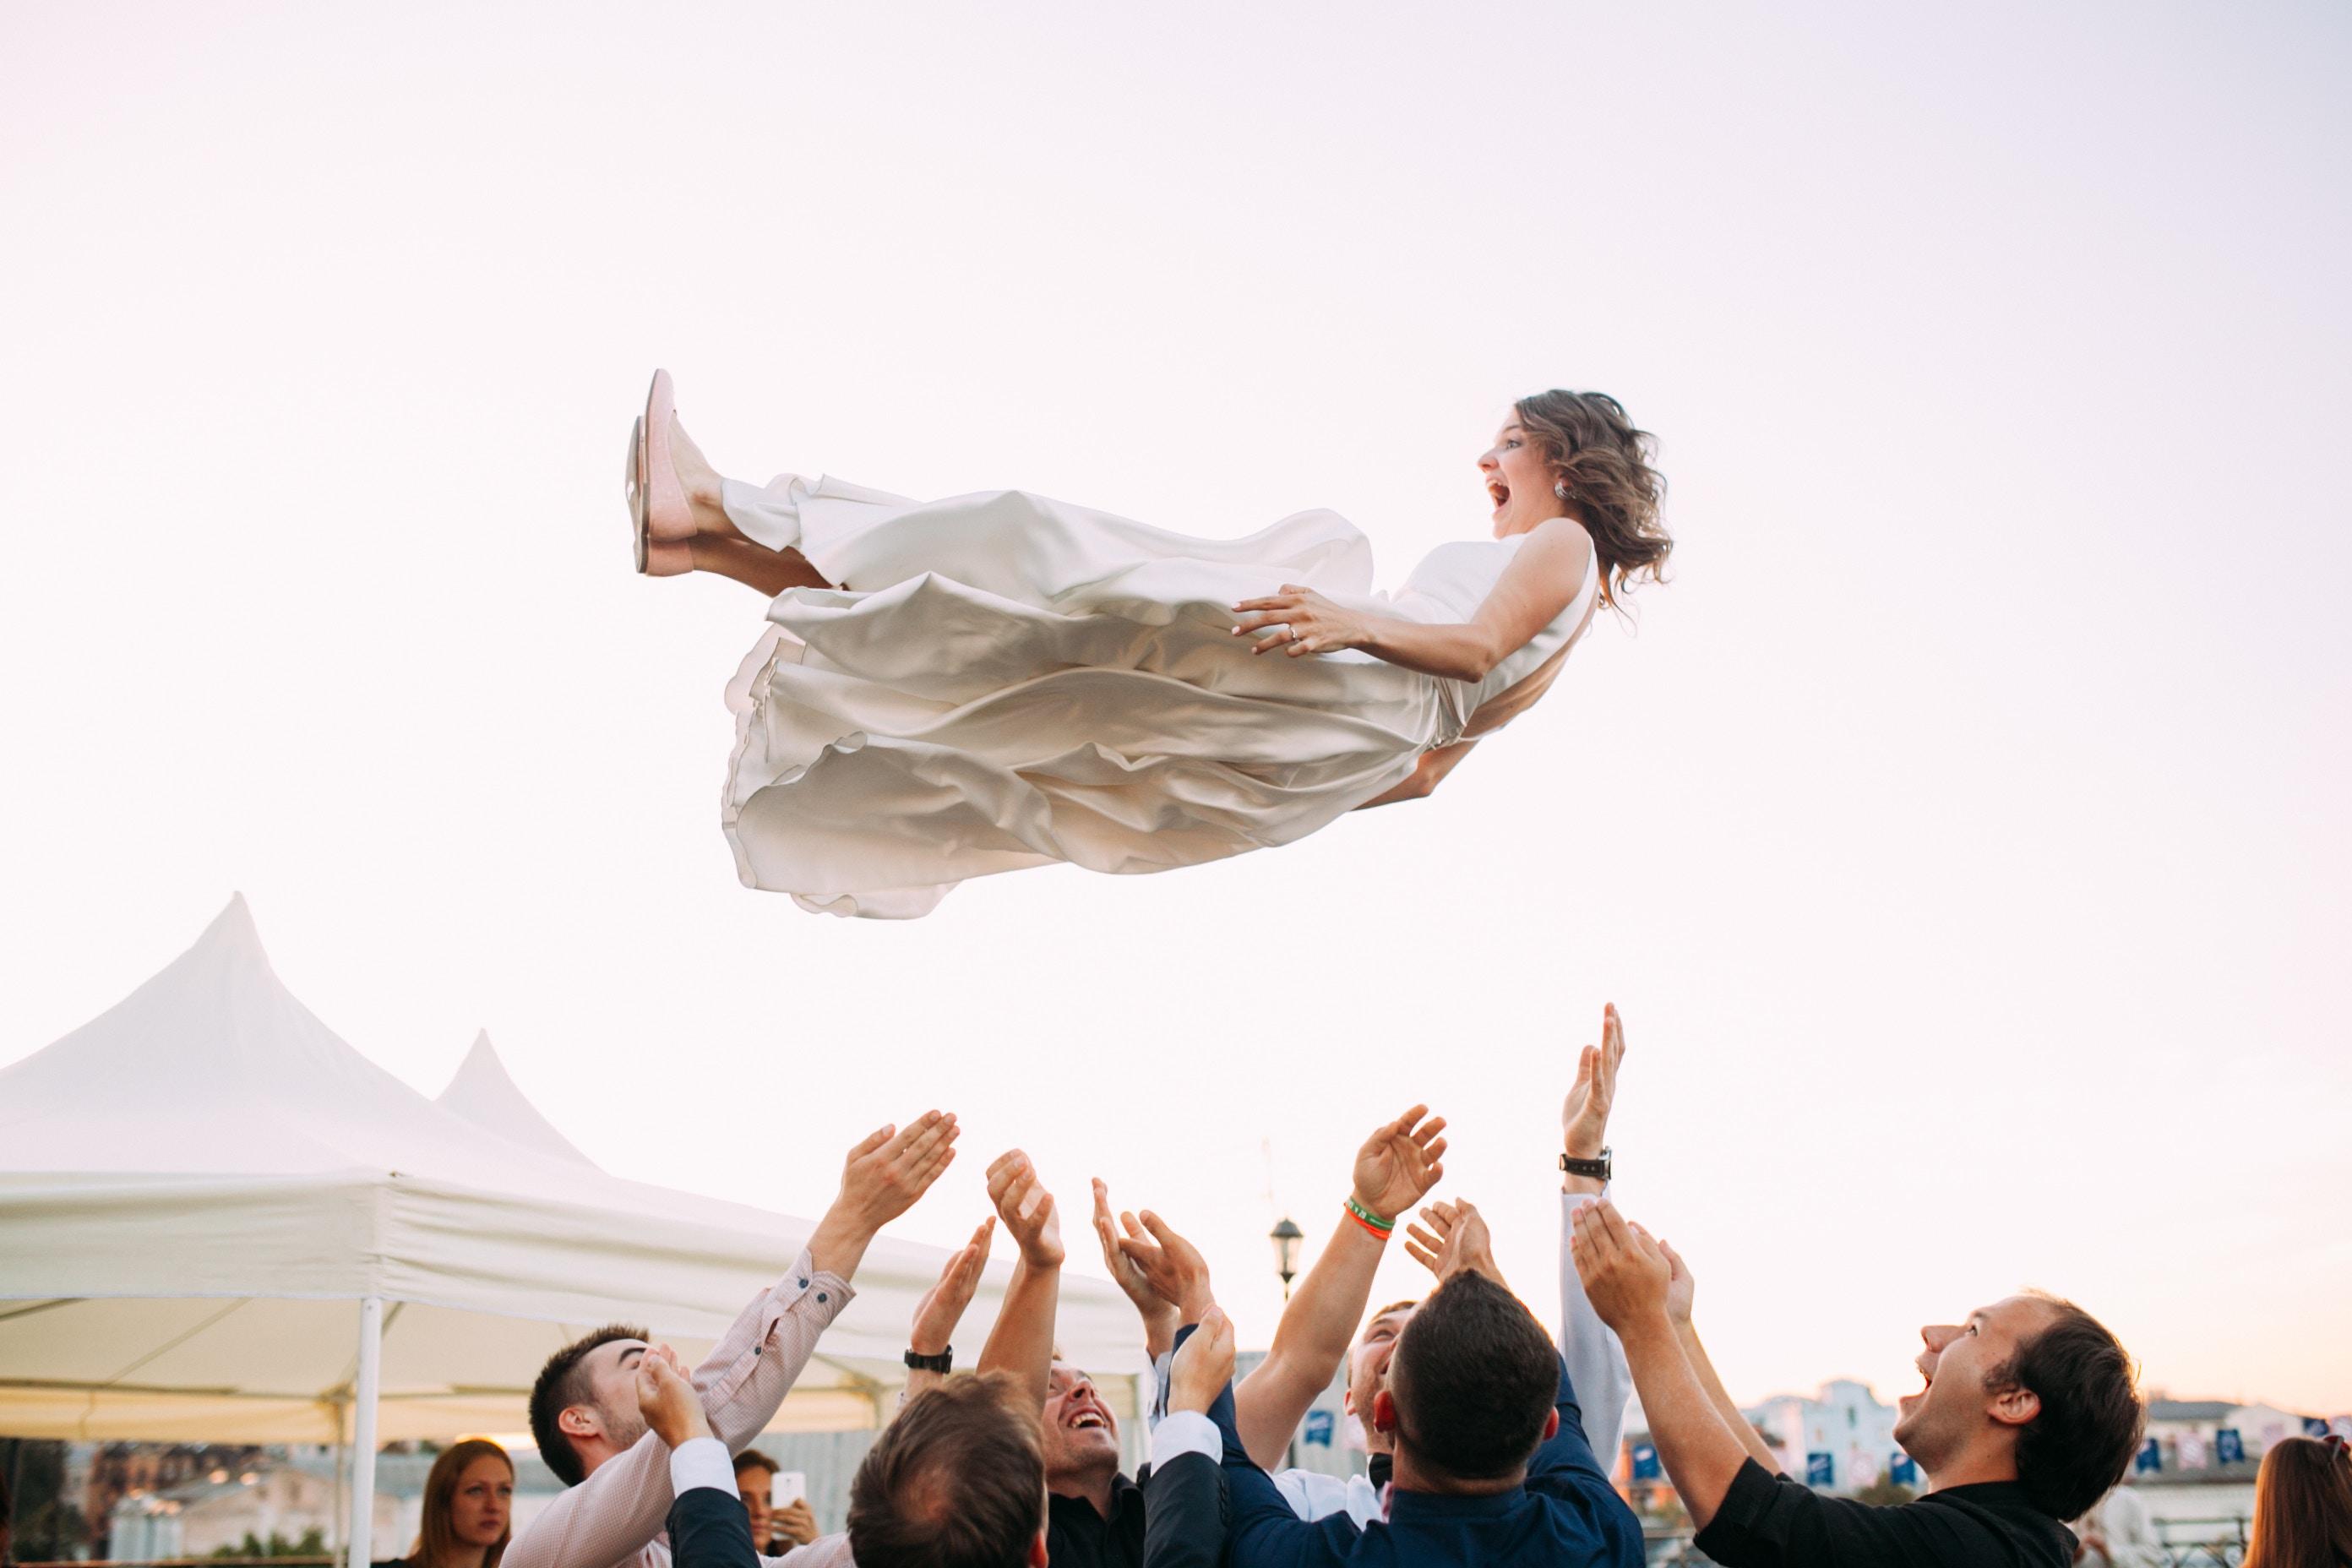 wedding day, getting married, wedding, wedding dance, wedding celebration,